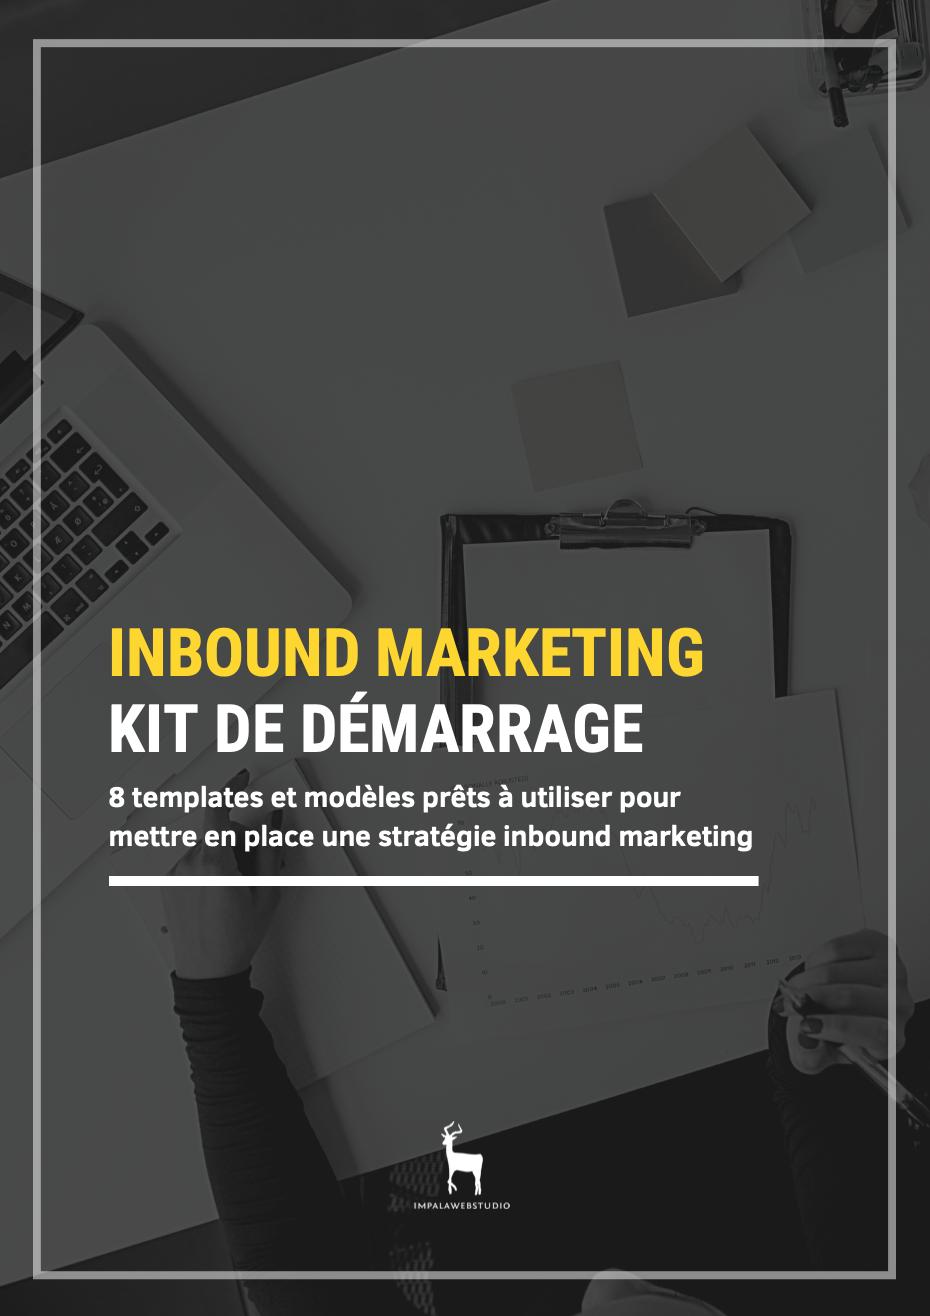 Kit de démarrage de l'Inbound Marketing (+ 8 templates prêts à l'emploi) - template